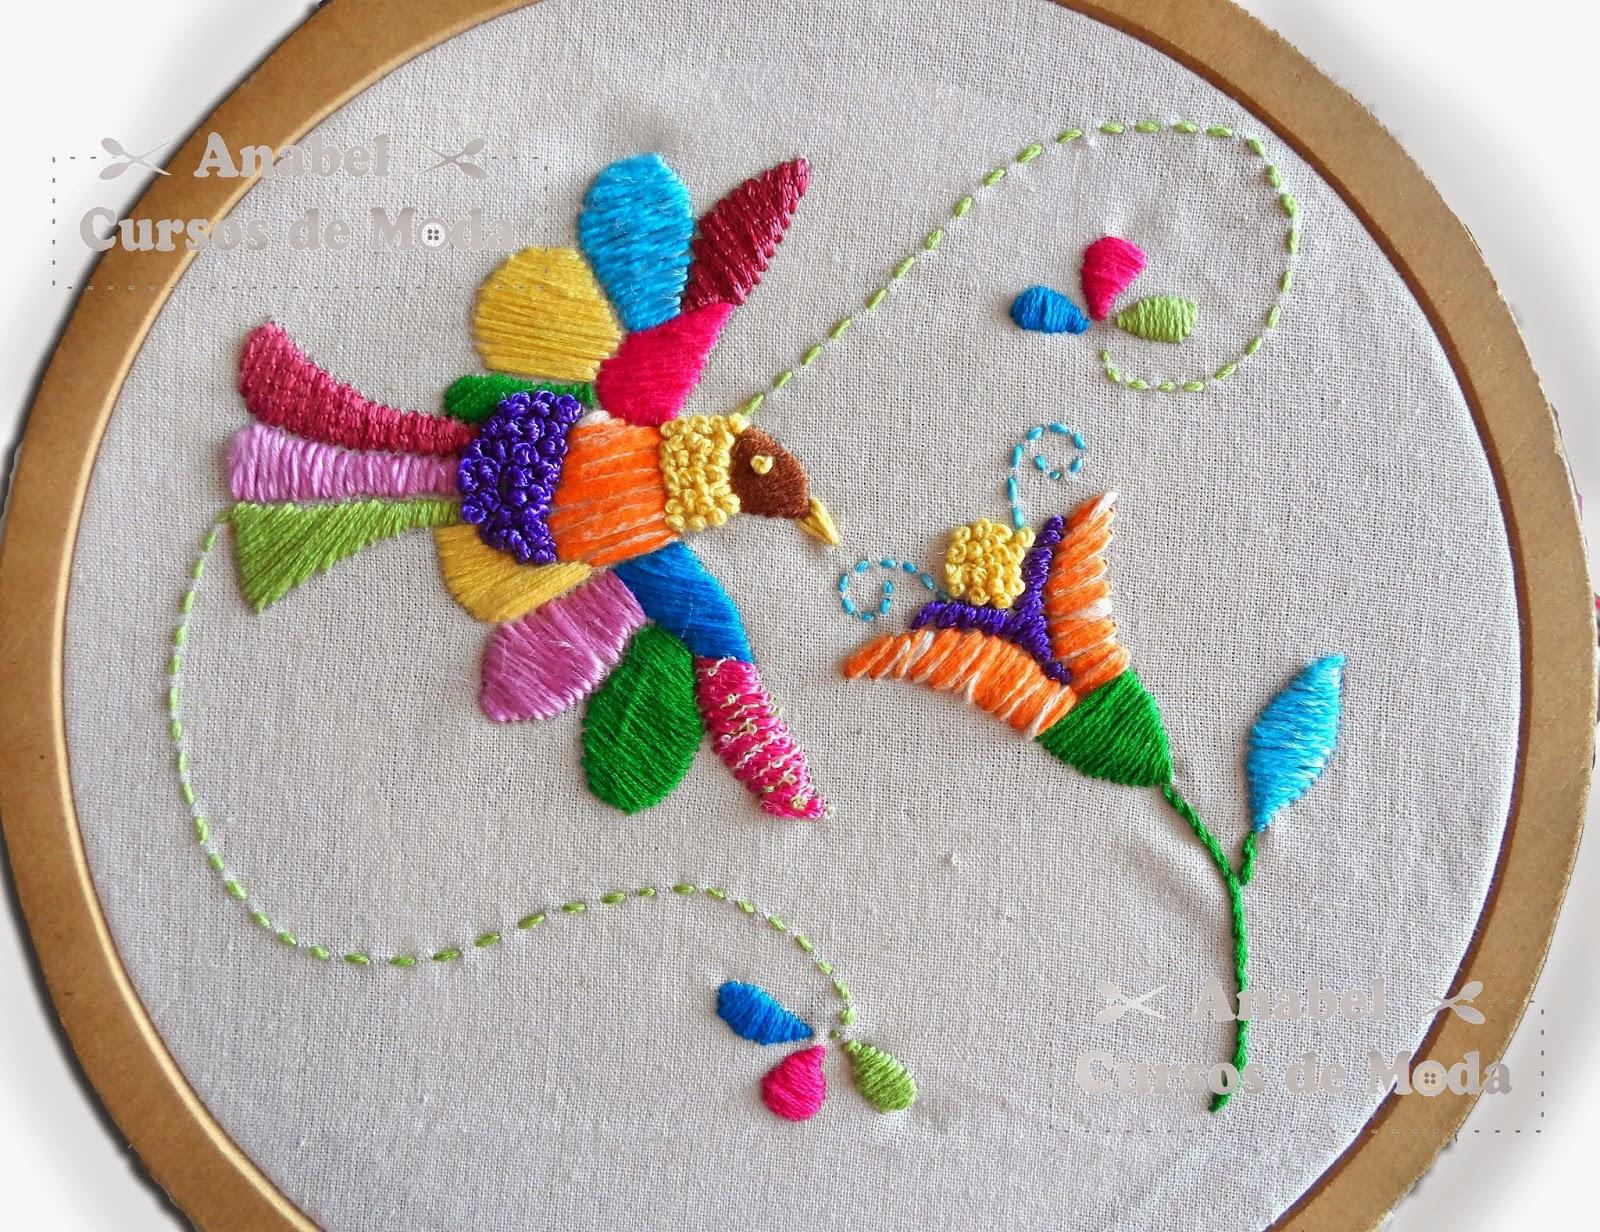 Nuevos seminarios de bordado en julio for Como hacer alfombras en bordado chino